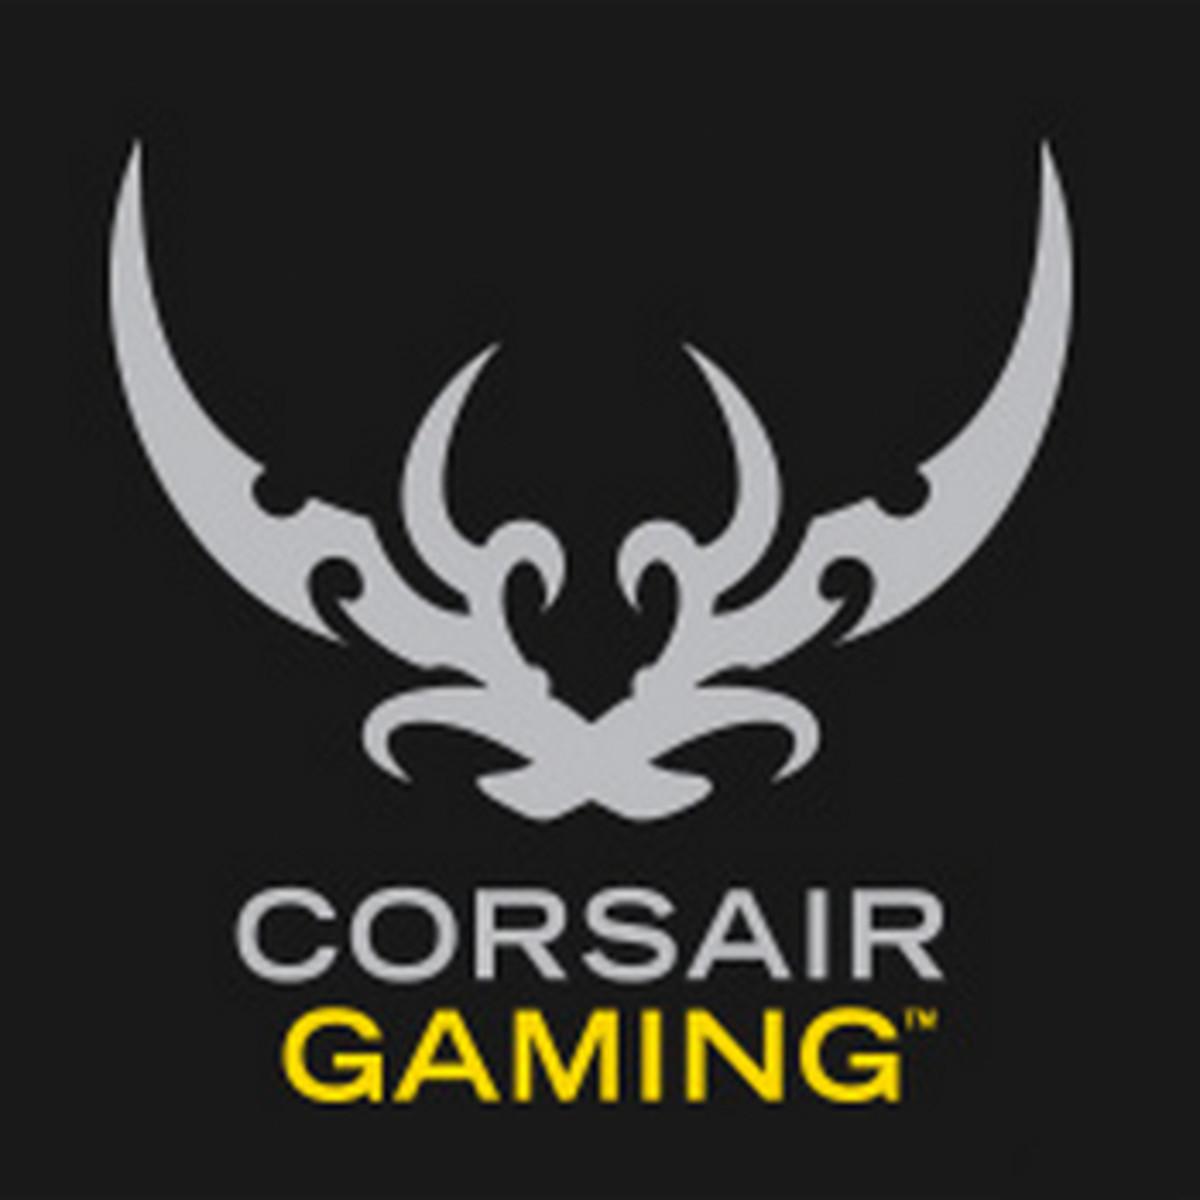 corsair gaming